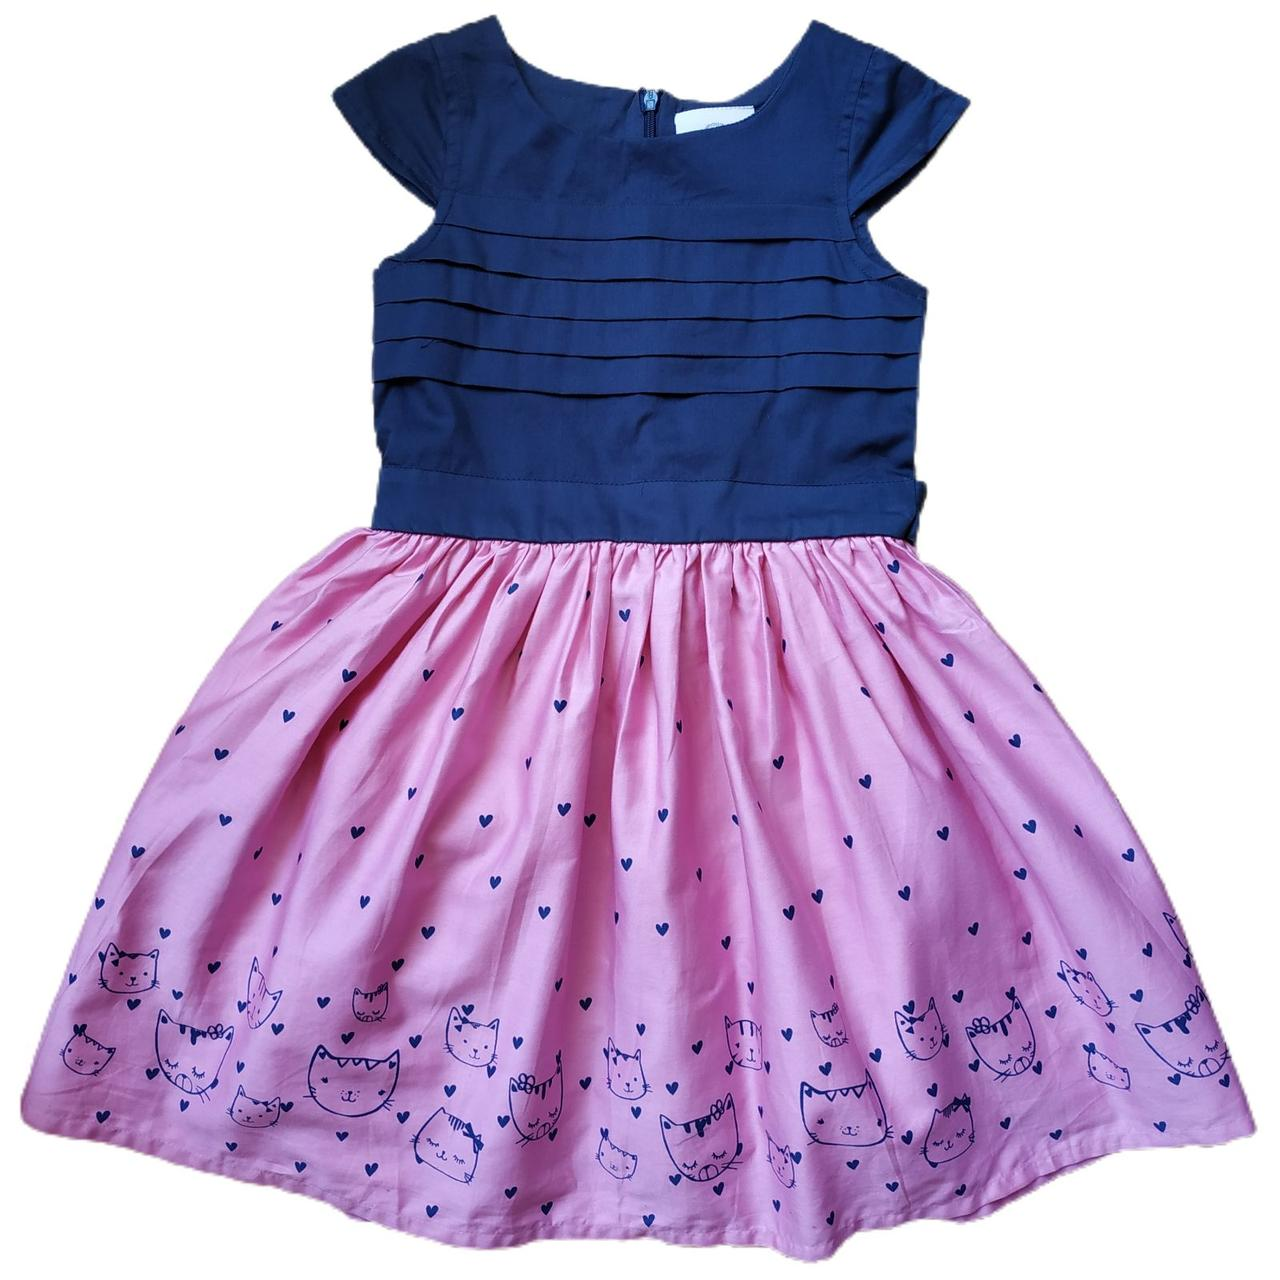 Сукня для дівчинки  5-6 років Cool Club Польща Розмір 116